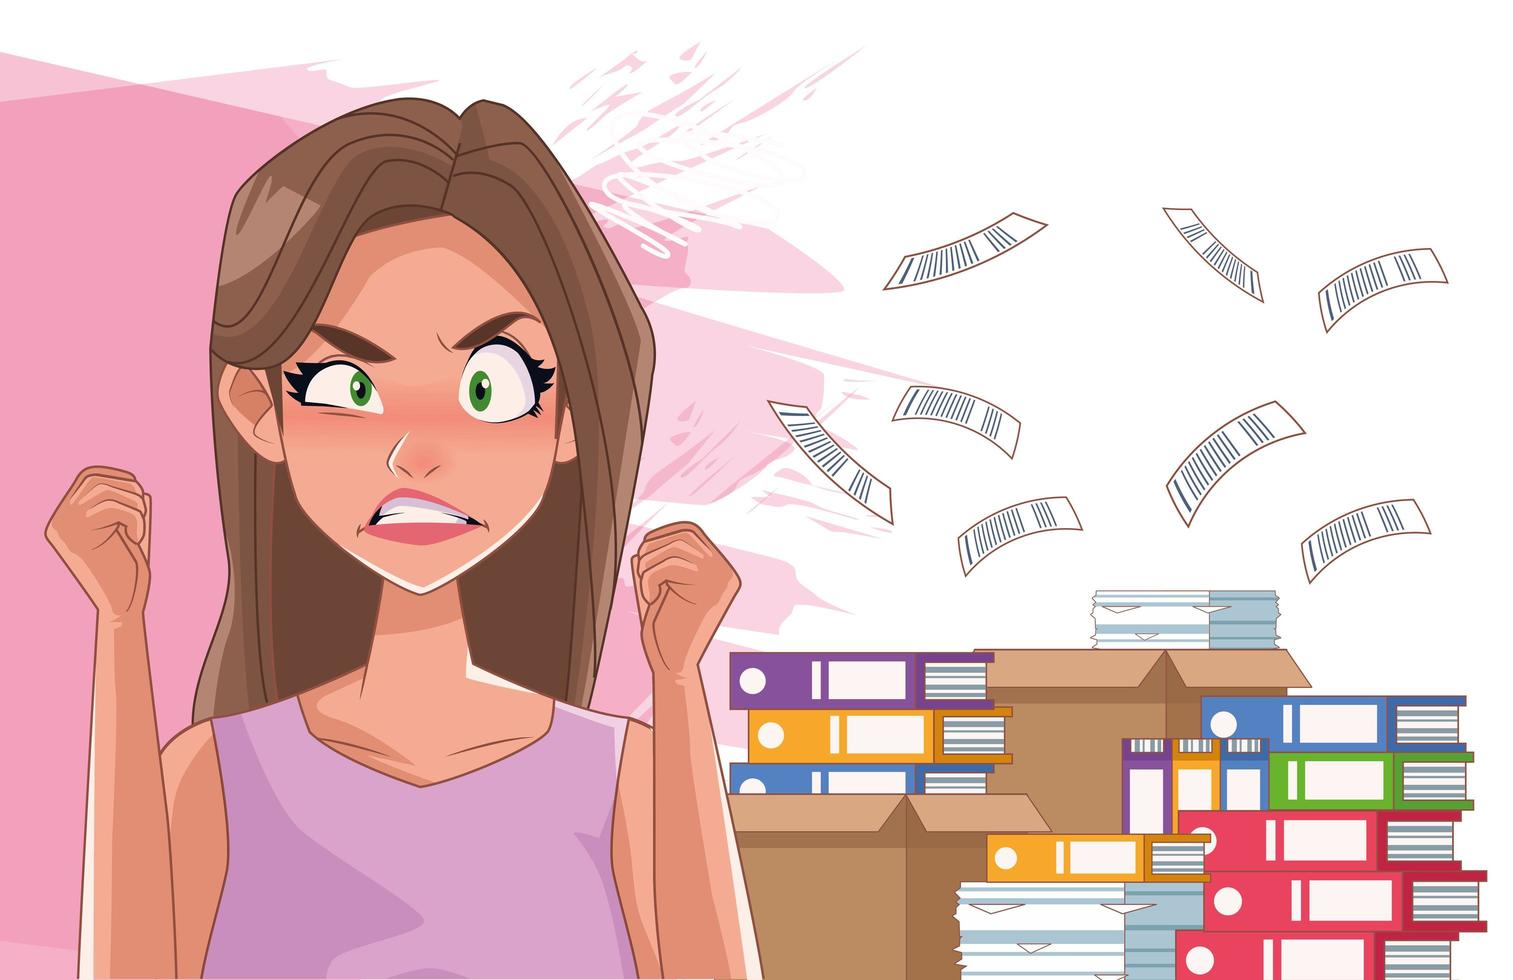 Mujer enojada con síntoma de estrés y pila de documentos vector